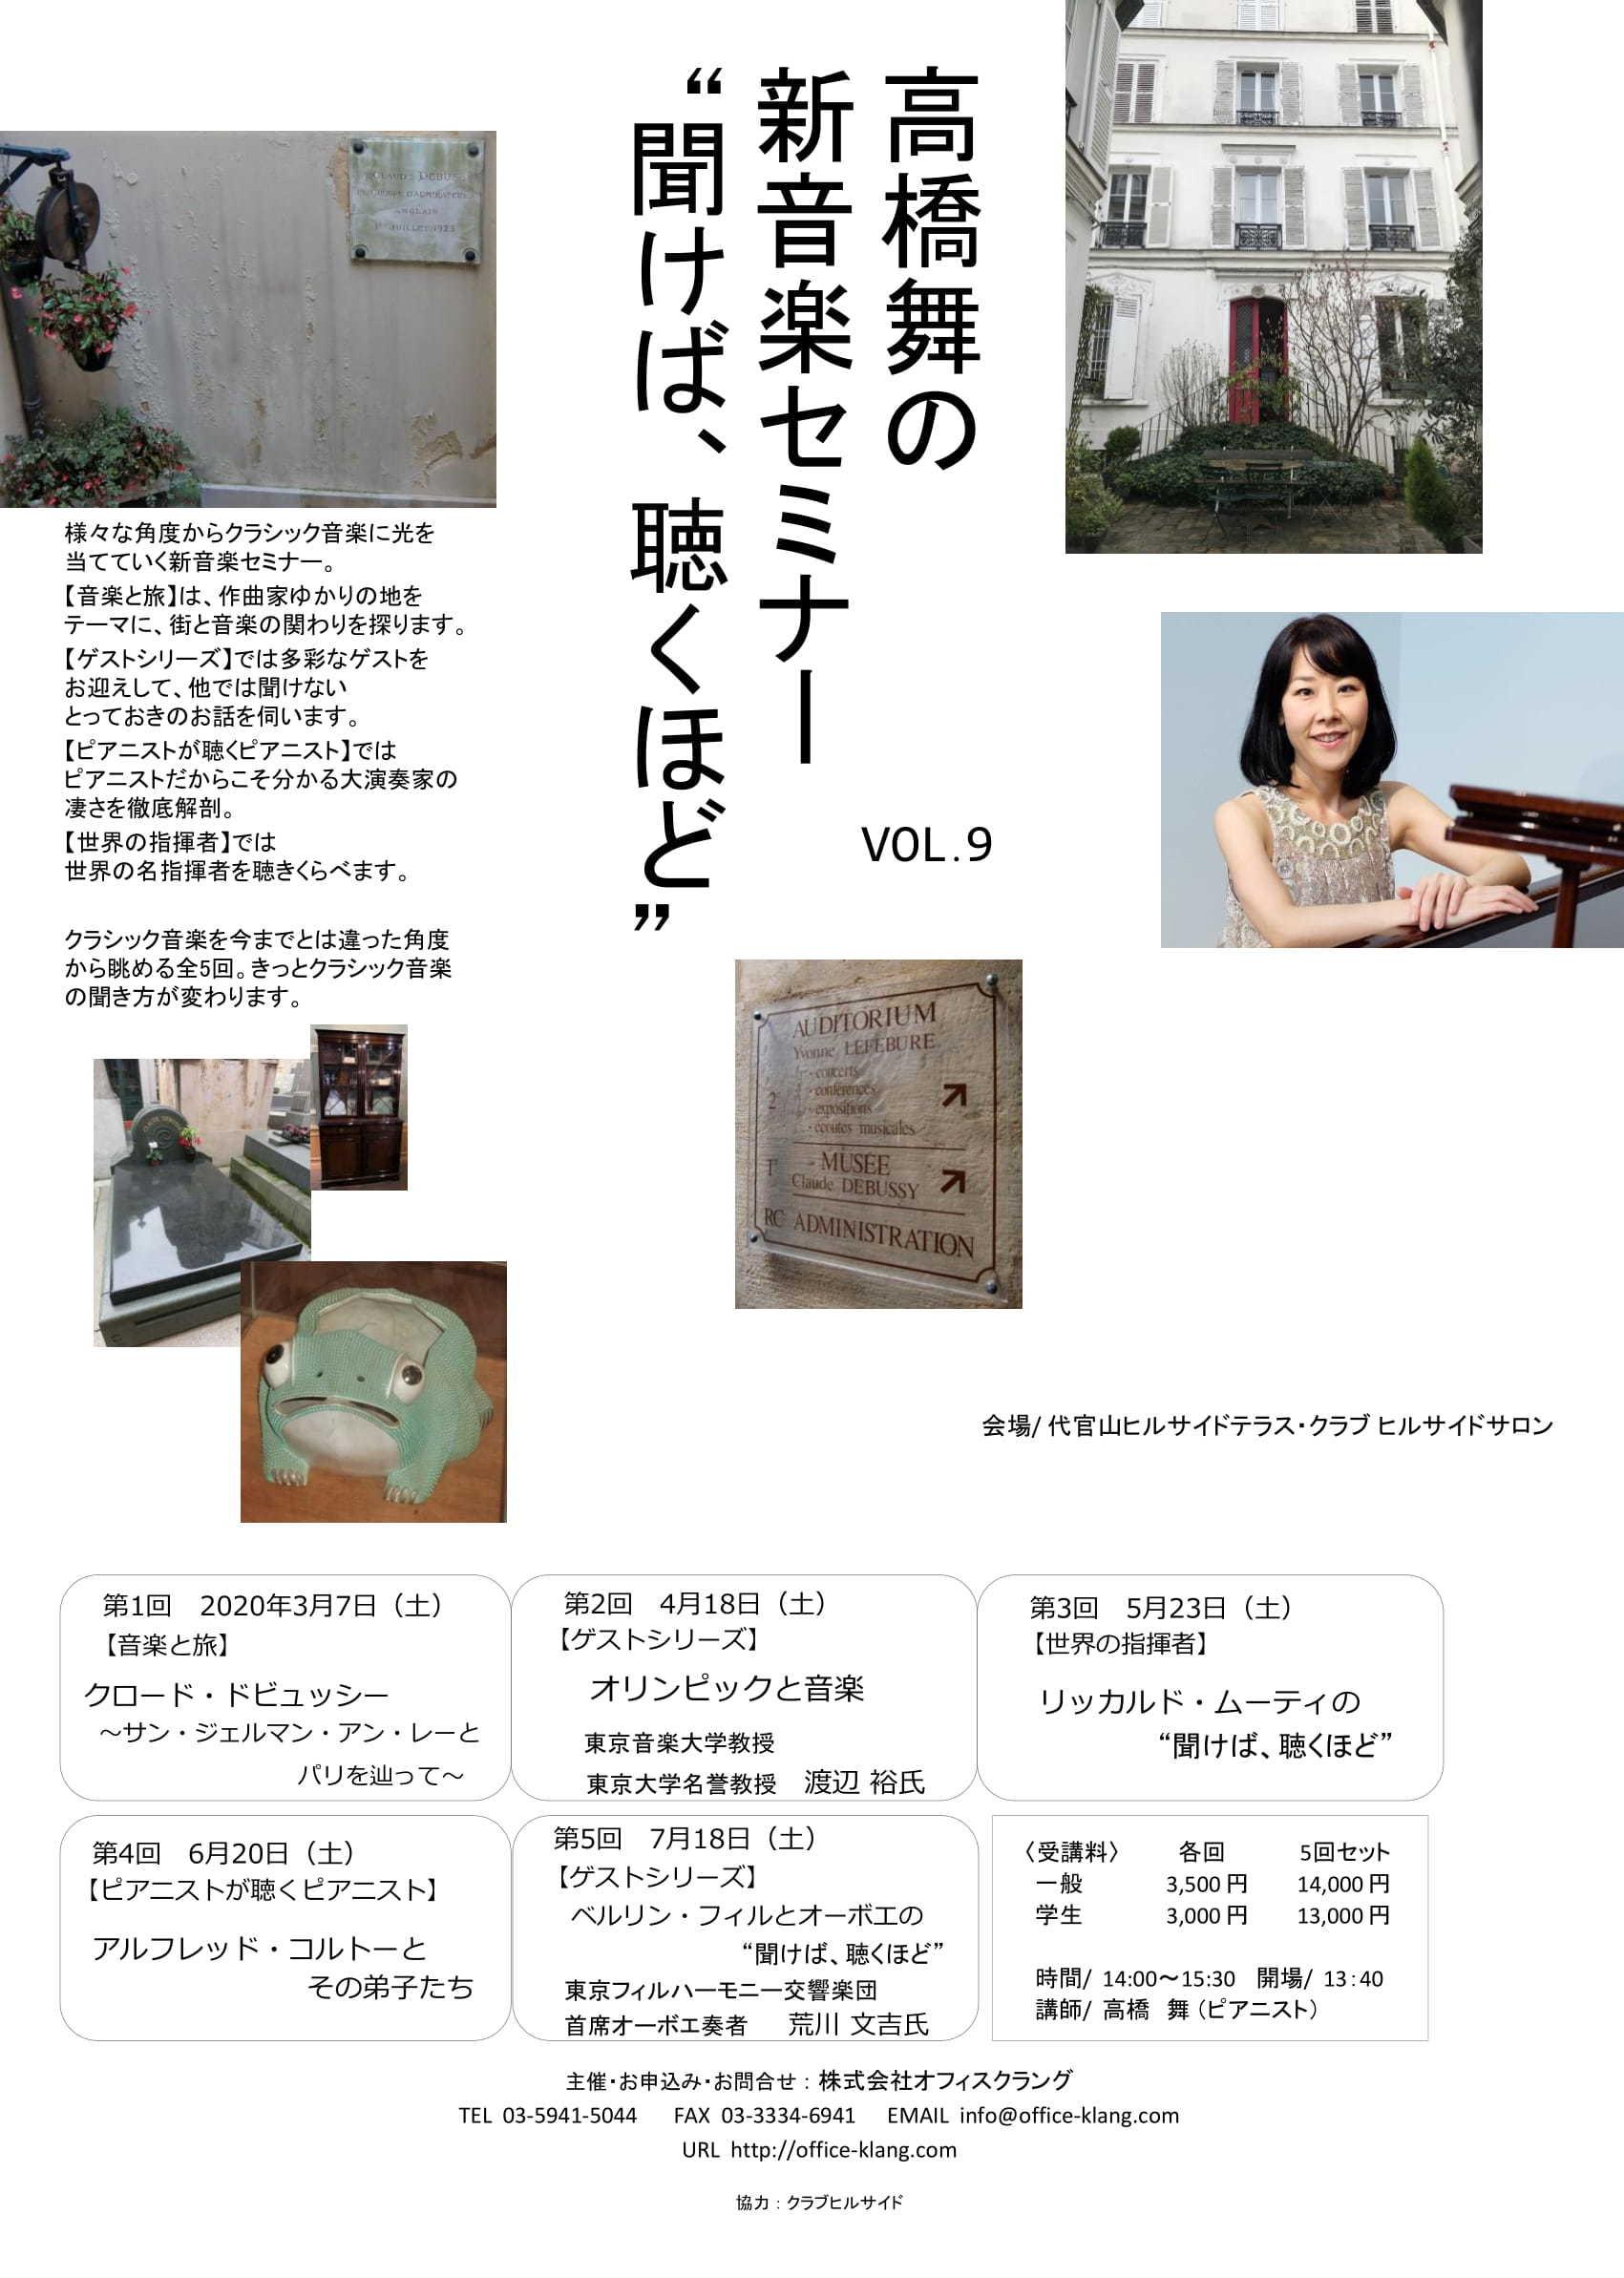 """高橋舞の新音楽セミナー\""""聞けば、聴くほど\""""Vol.9のご案内_f0178060_12450367.jpg"""